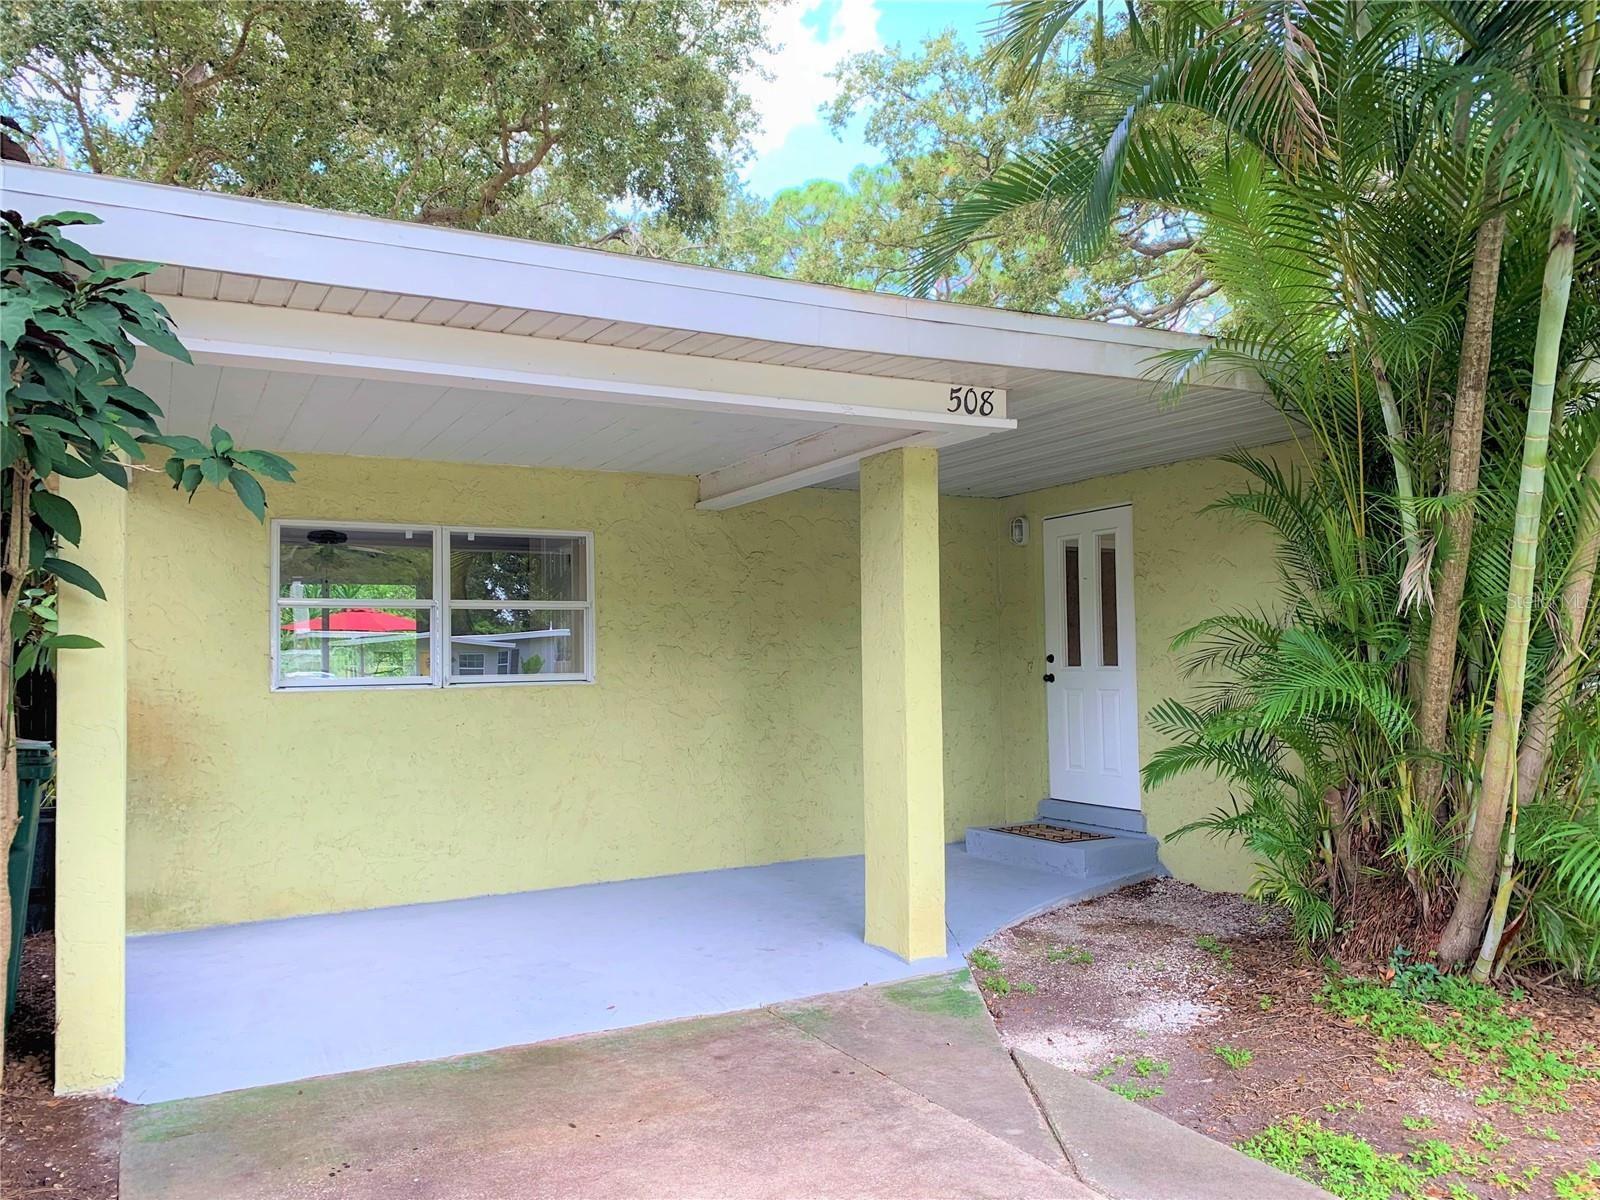 Photo of 508 18TH AVENUE W, PALMETTO, FL 34221 (MLS # A4510852)